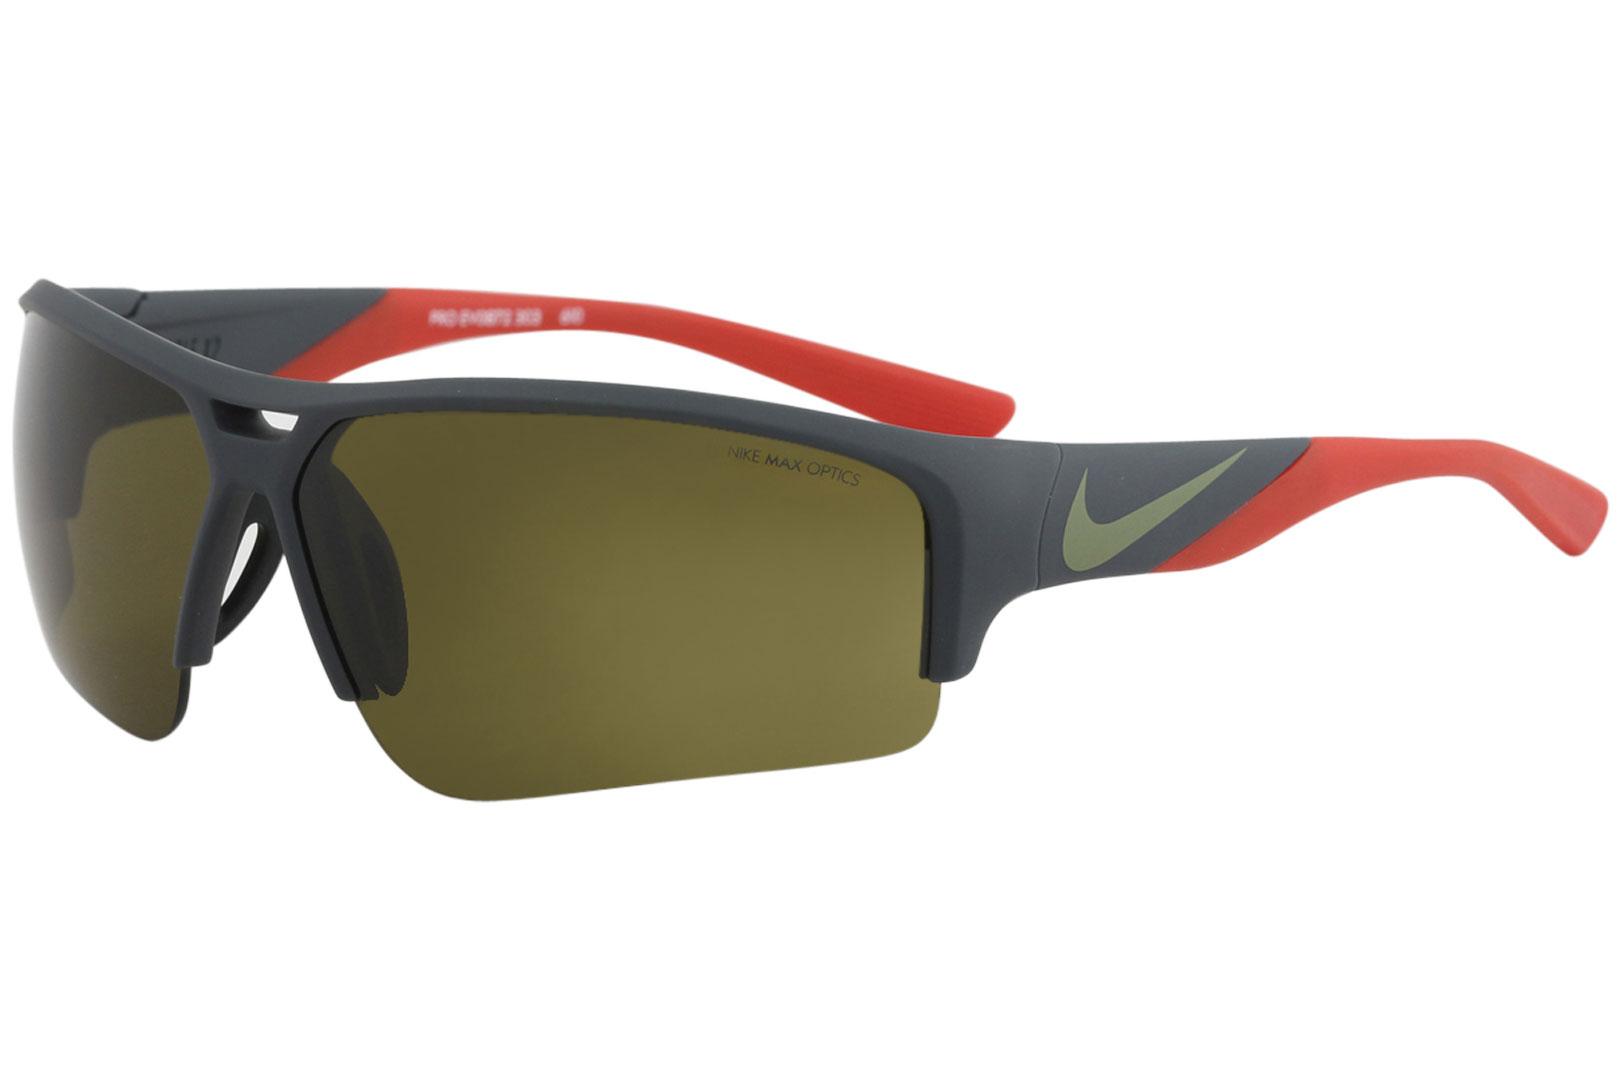 4d8bba3d2c1 Nike Men s Golf X2 Pro EV0872 EV 0872 303 Matte Green Sport Wrap ...